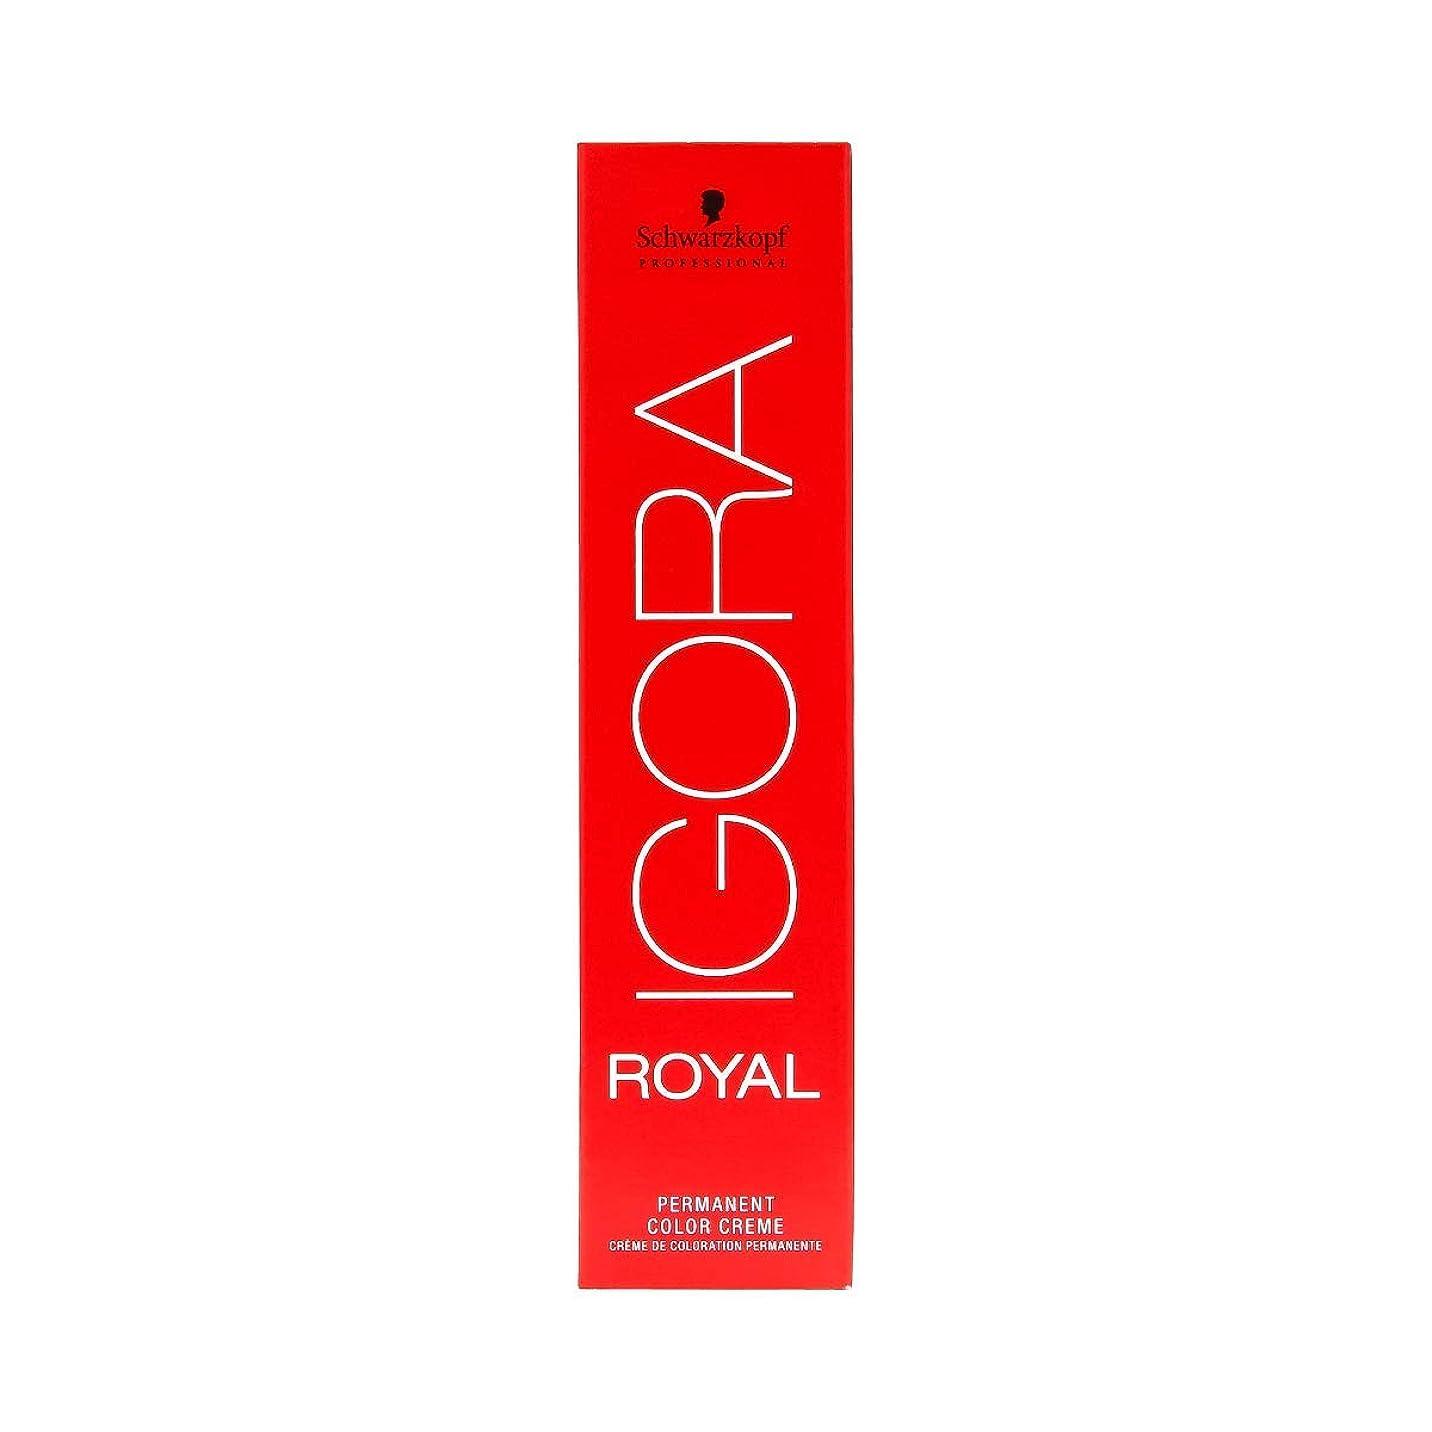 スペルアラスカジェスチャーSchwarzkopf Igora Royal E-Mix 0-88 60ml New [並行輸入品]